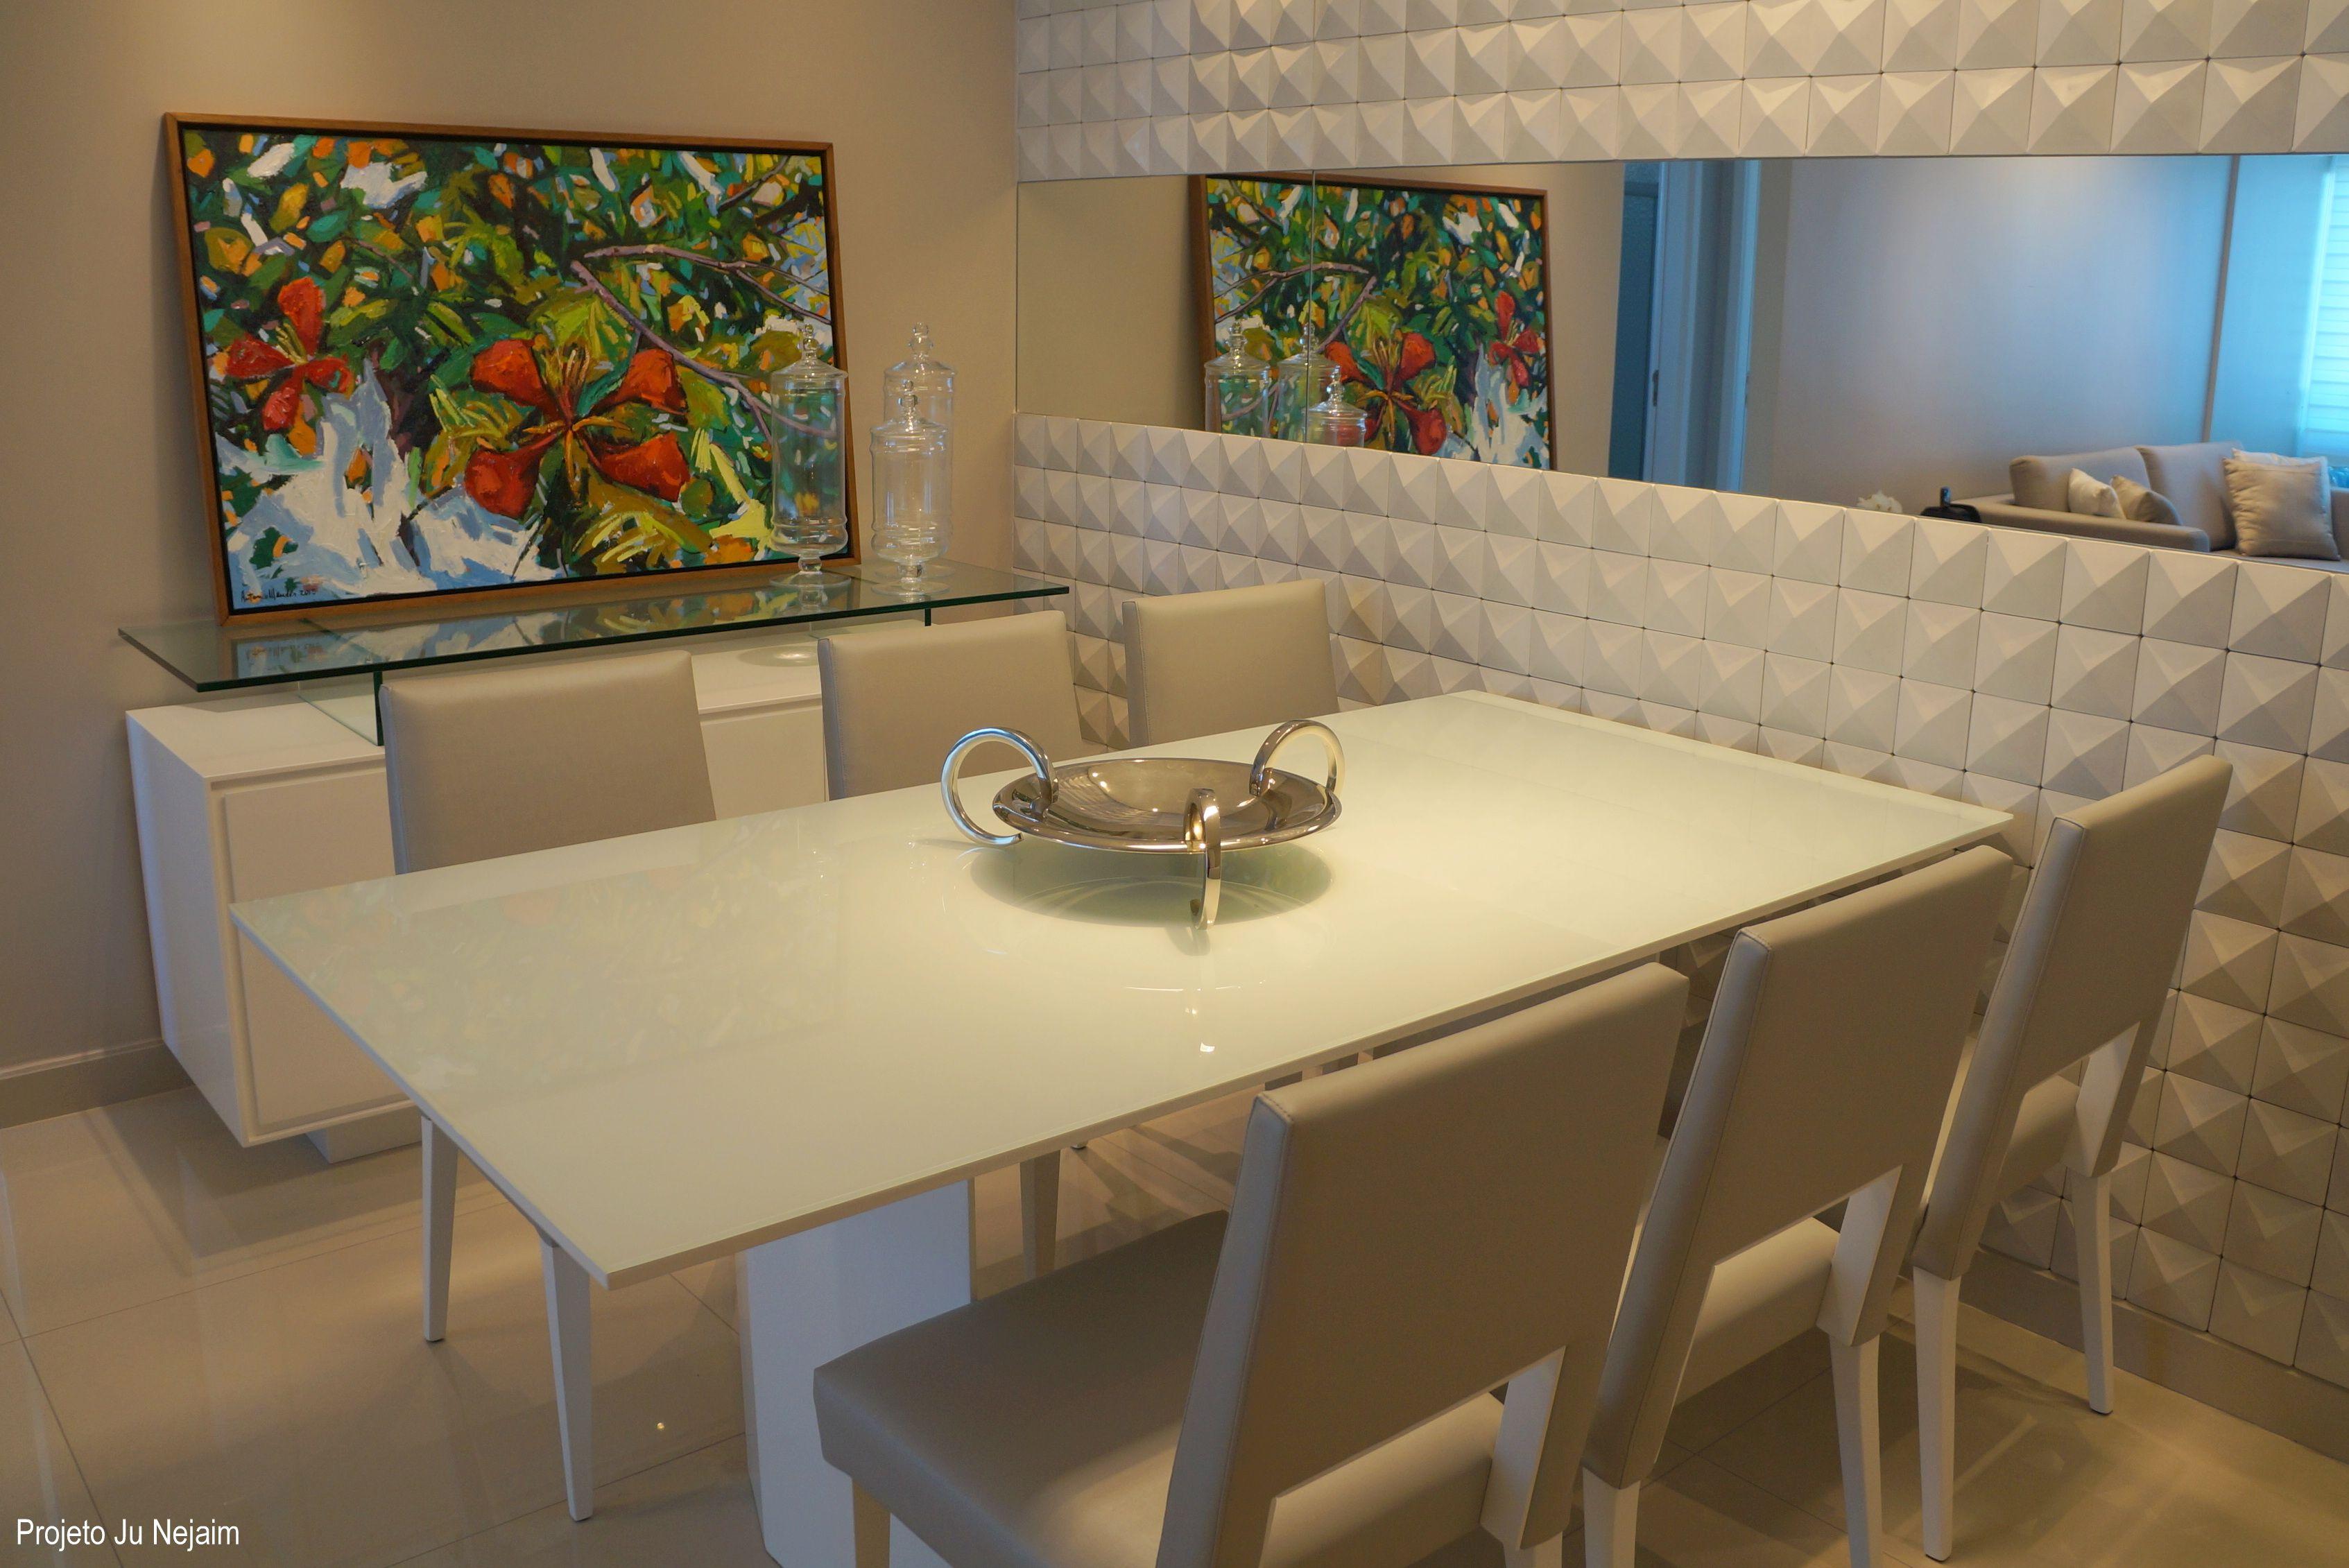 Sala De Jantar Com Parede Em Pedra 3d E Espelho Para Dar Amplitude  -> Sala De Jantar Com Espelho Na Parede